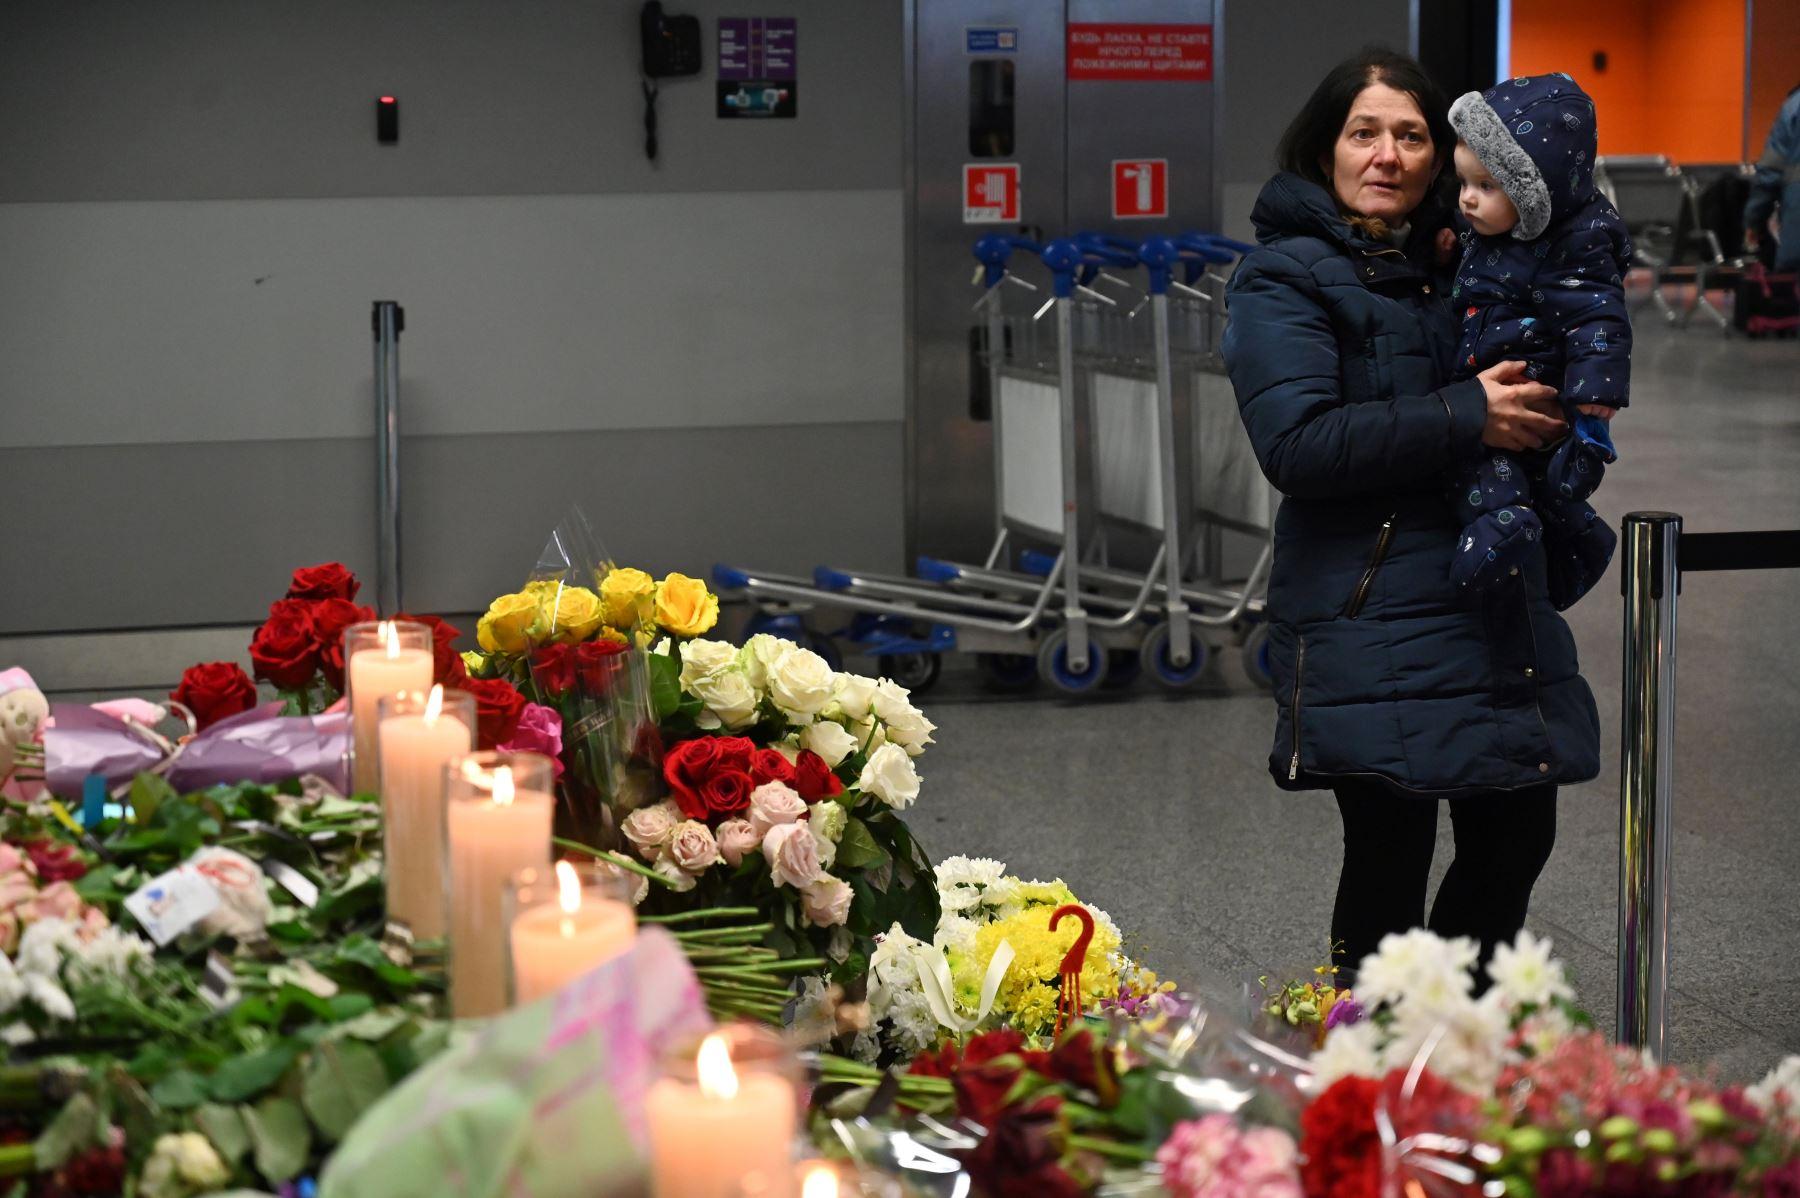 Una mujer reacciona mientras sostiene a un niño en el aeropuerto de Boryspil, en las afueras de Kiev, mientras rinde homenaje en un monumento improvisado para las víctimas del Boeing 737-800 de Ukraine International Airlines que se estrelló cerca de la capital iraní, Teherán.  Foto: AFP